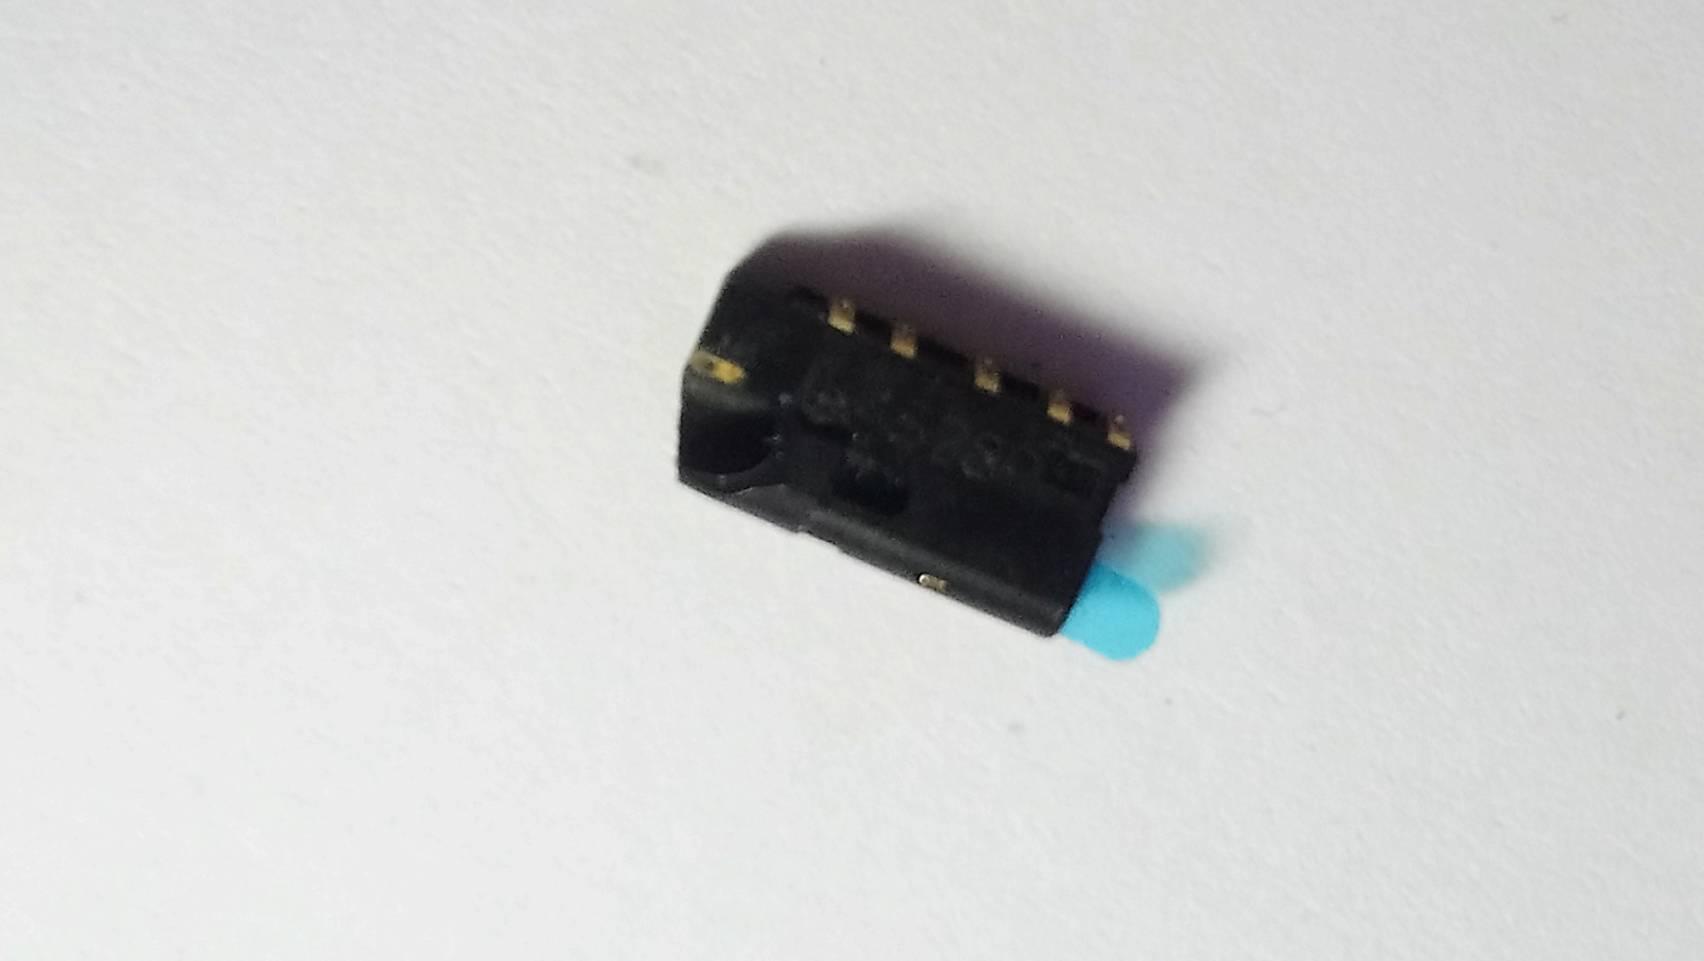 ช่องเสียบหูฟัง LG G3 D855 มือสอง